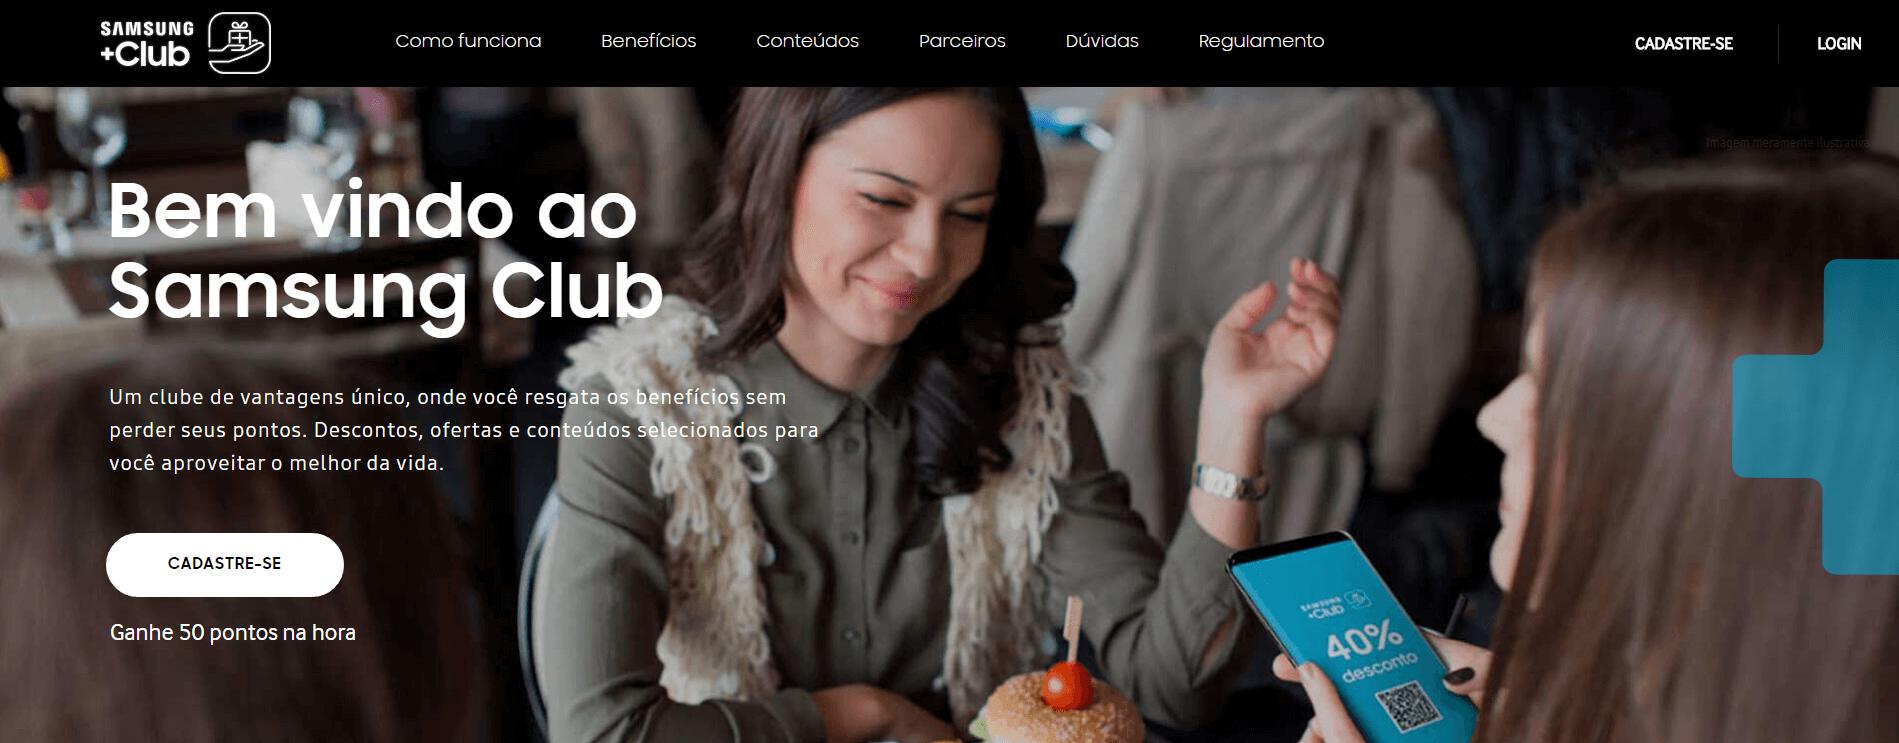 Samsung club oferece descontos para você aprender novas línguas